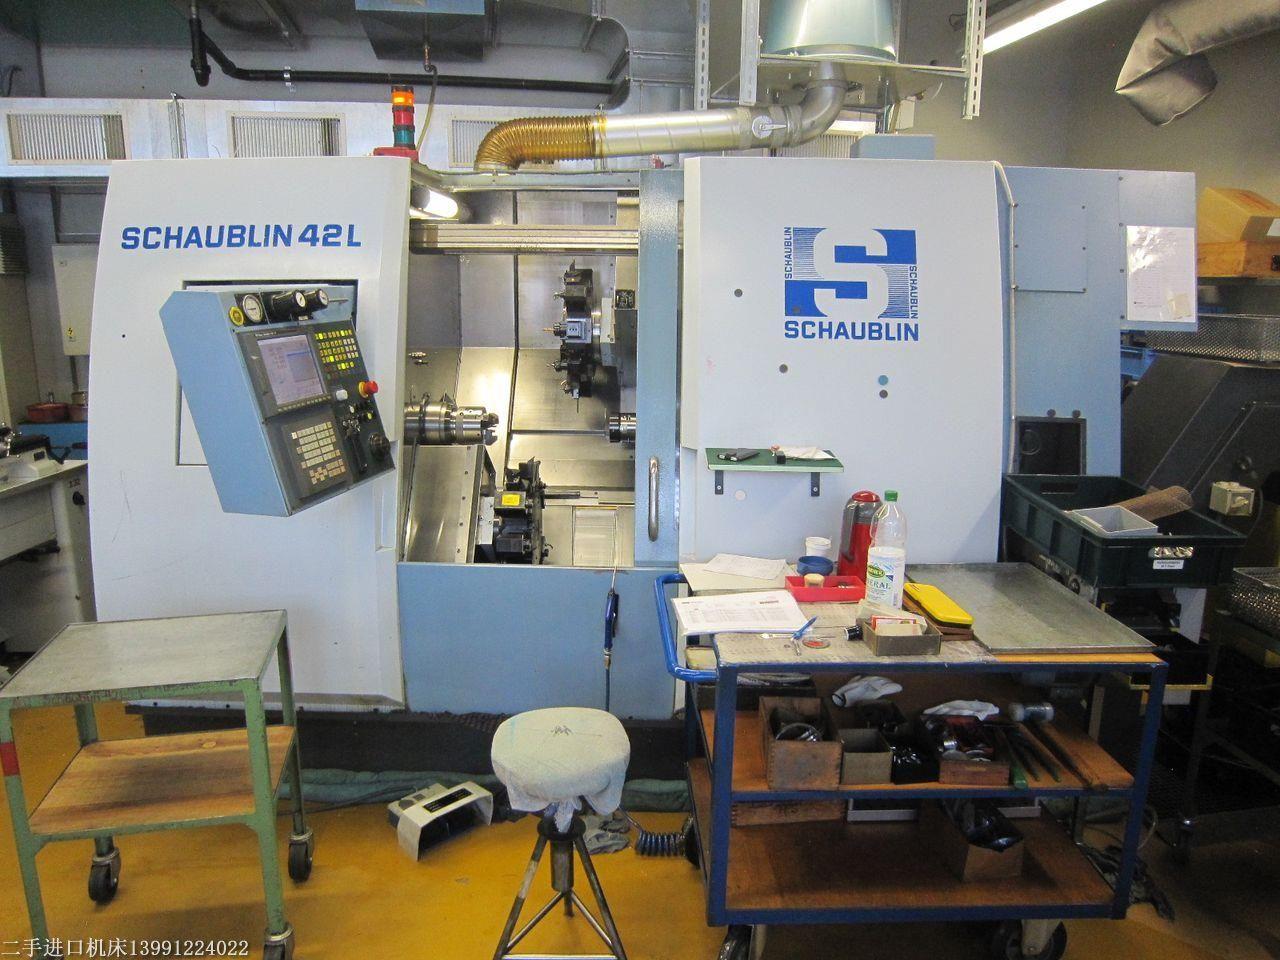 供应西宁二手肖柏林车铣加工中心,瑞士二手SCHAUBLIN 42L TM-6车铣加工中心